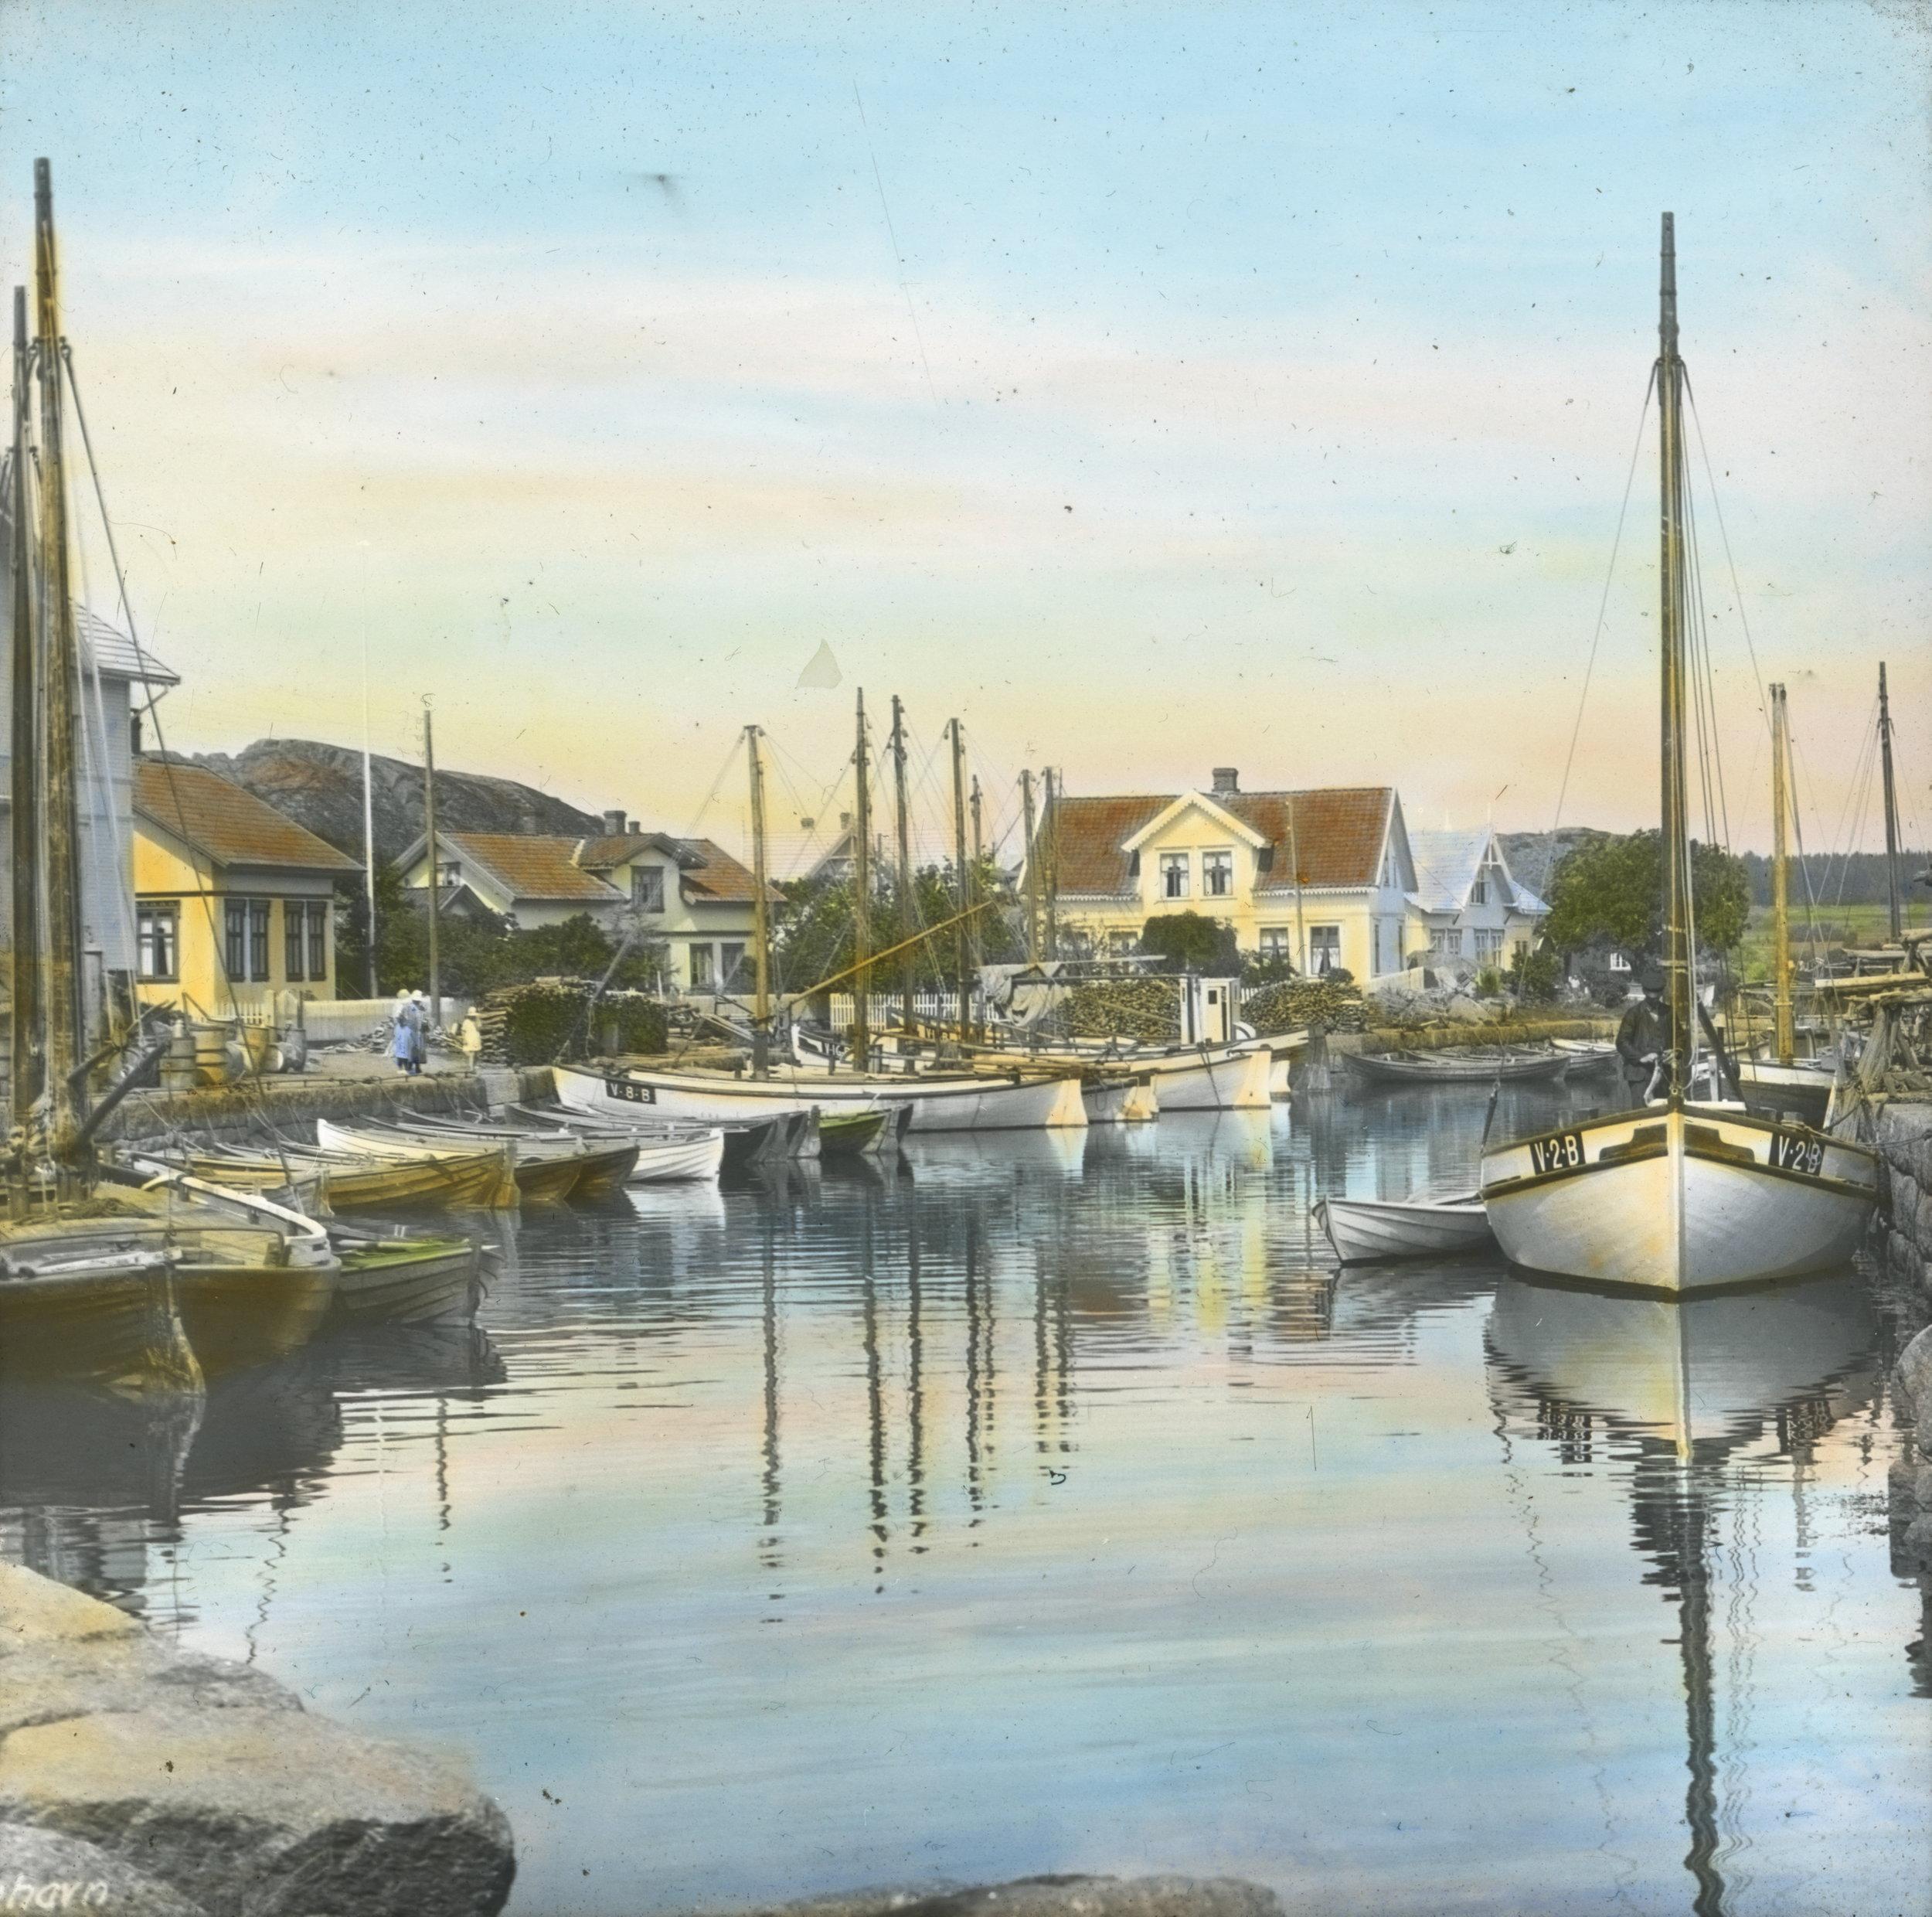 Håndkolorert dias. Seilbåter og robåter ligger fortøyd til kai i Nevlunghavn. I bakgrunnen sees hvitmalte trehus.  Fotograf: Wilse, Anders Beer / Norsk Teknisk Museum